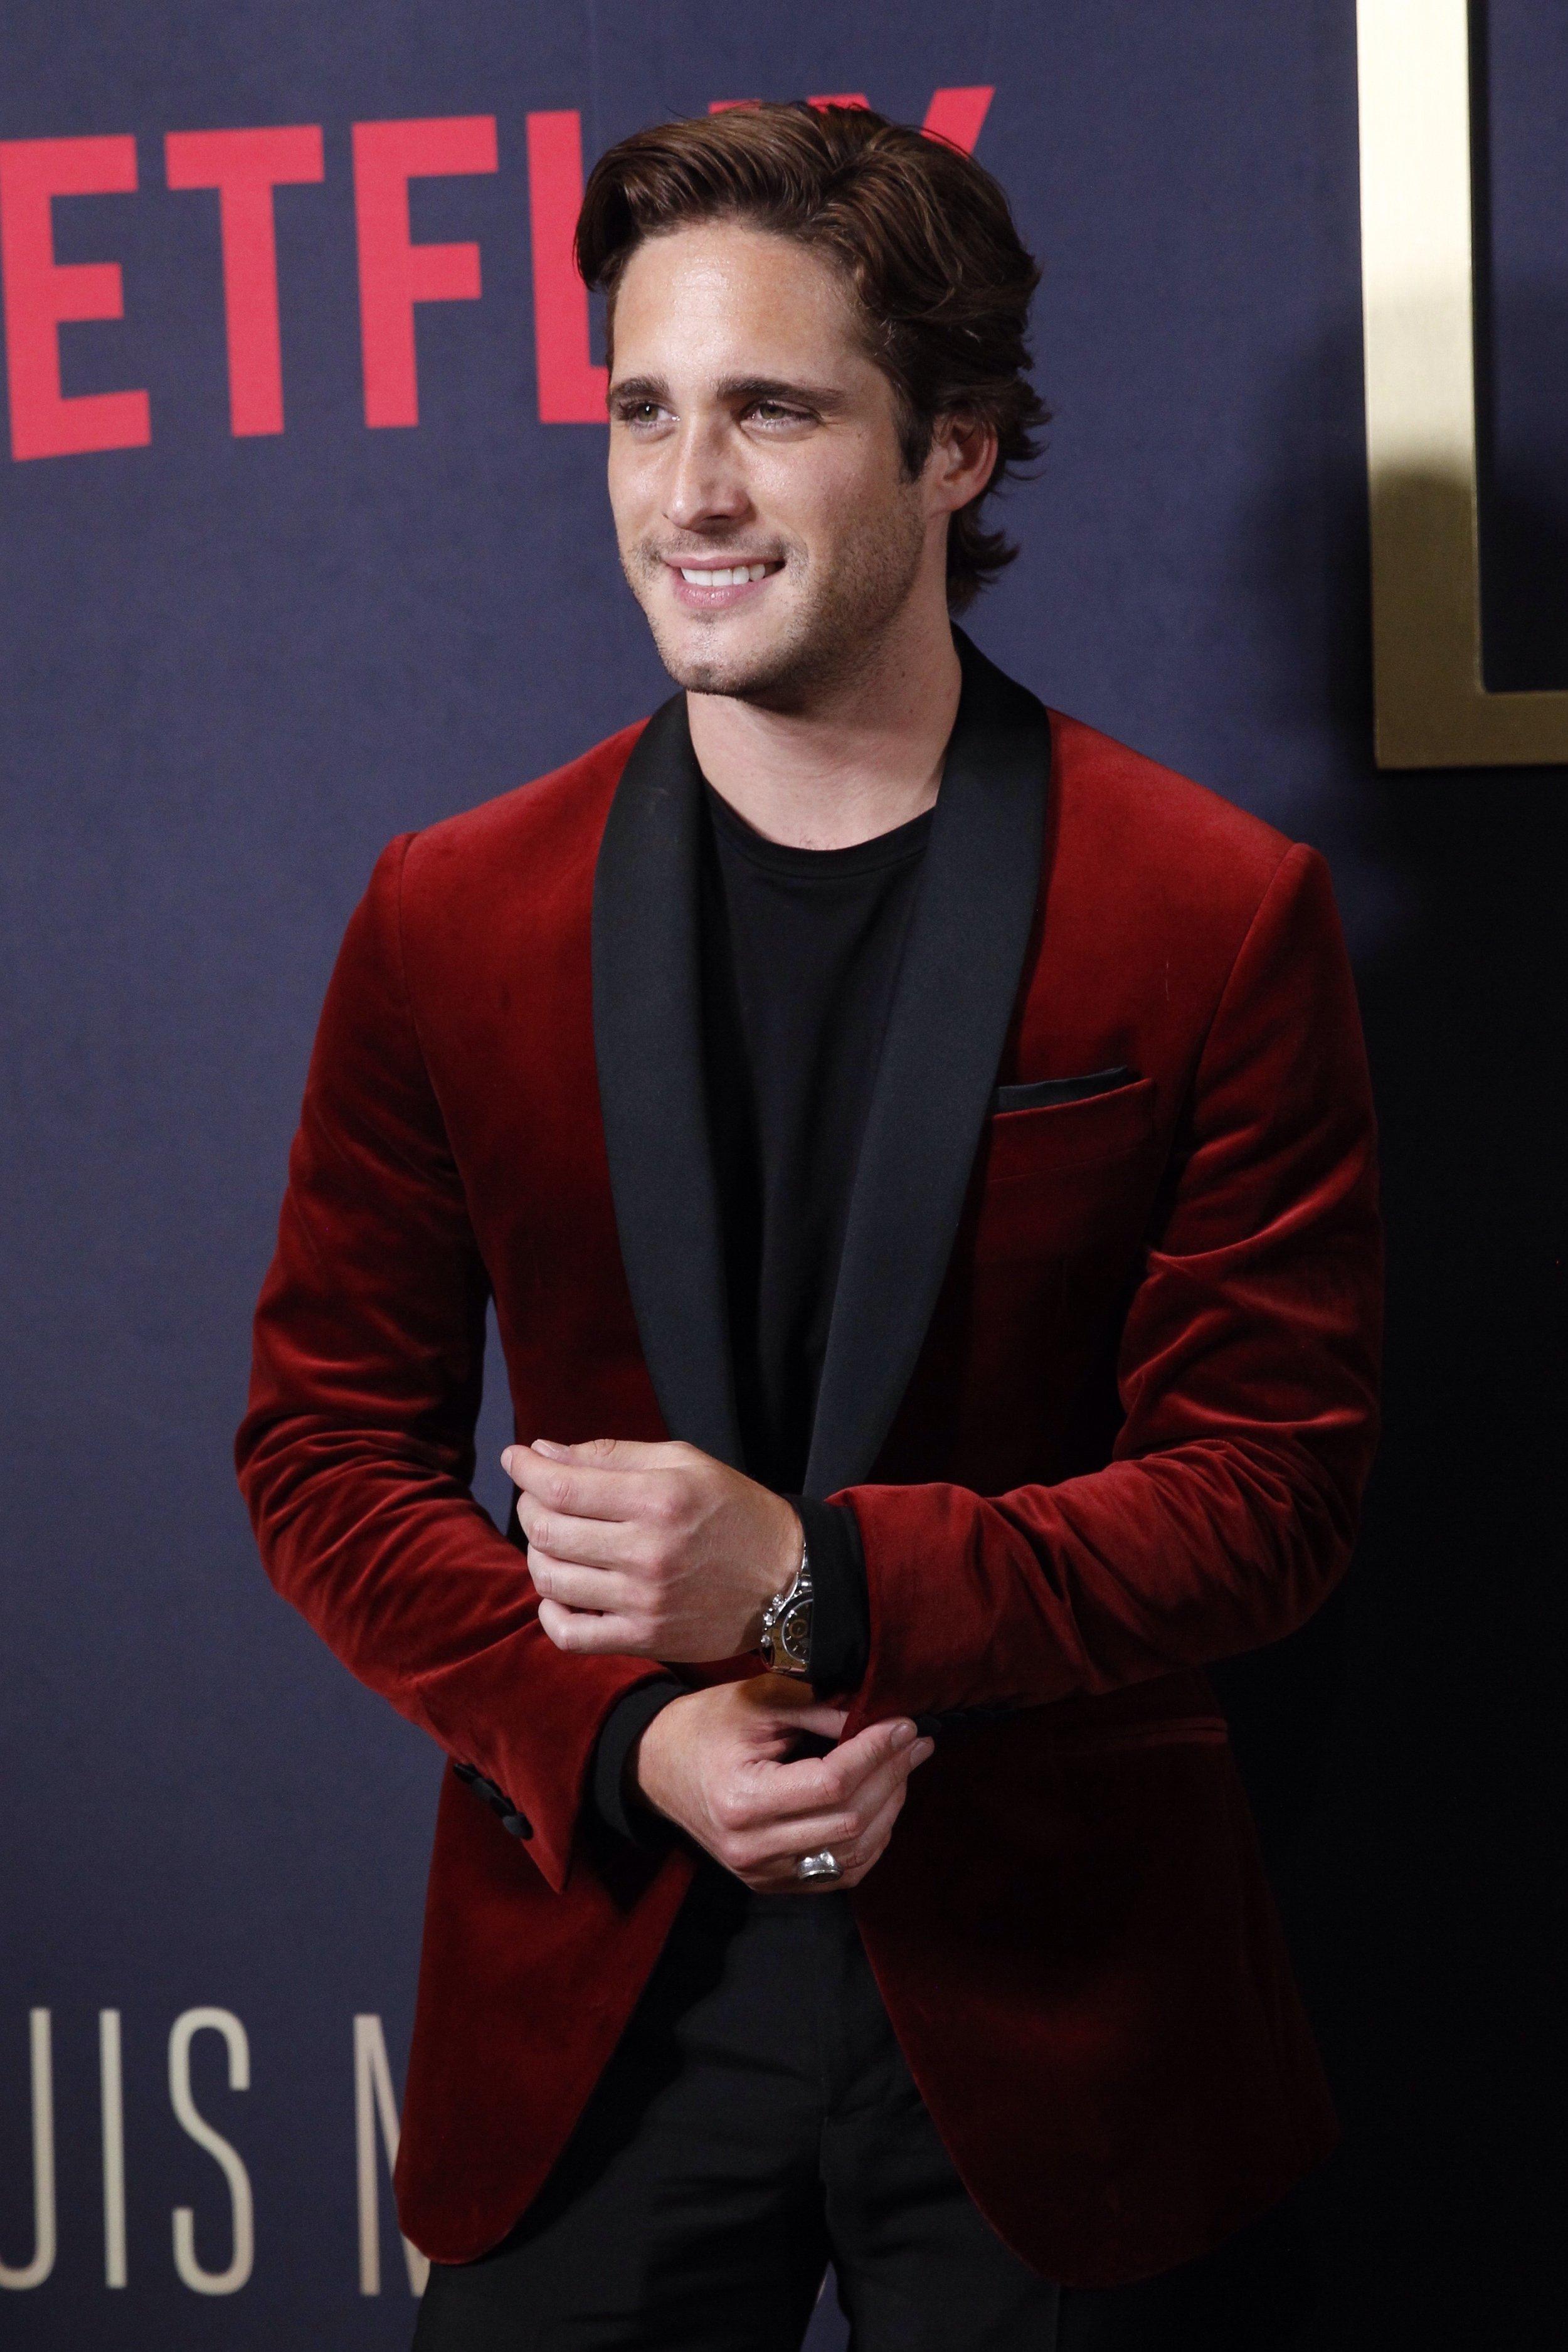 Con casi 28 años ha protagonizado la producción de Netflix y Televisa sobre la vida de Luis Miguel , El Sol de México; lo cual le ha catapultado aún más a la fama y le ha dado experiencia vocal, ya que canta él todas las canciones de la serie.